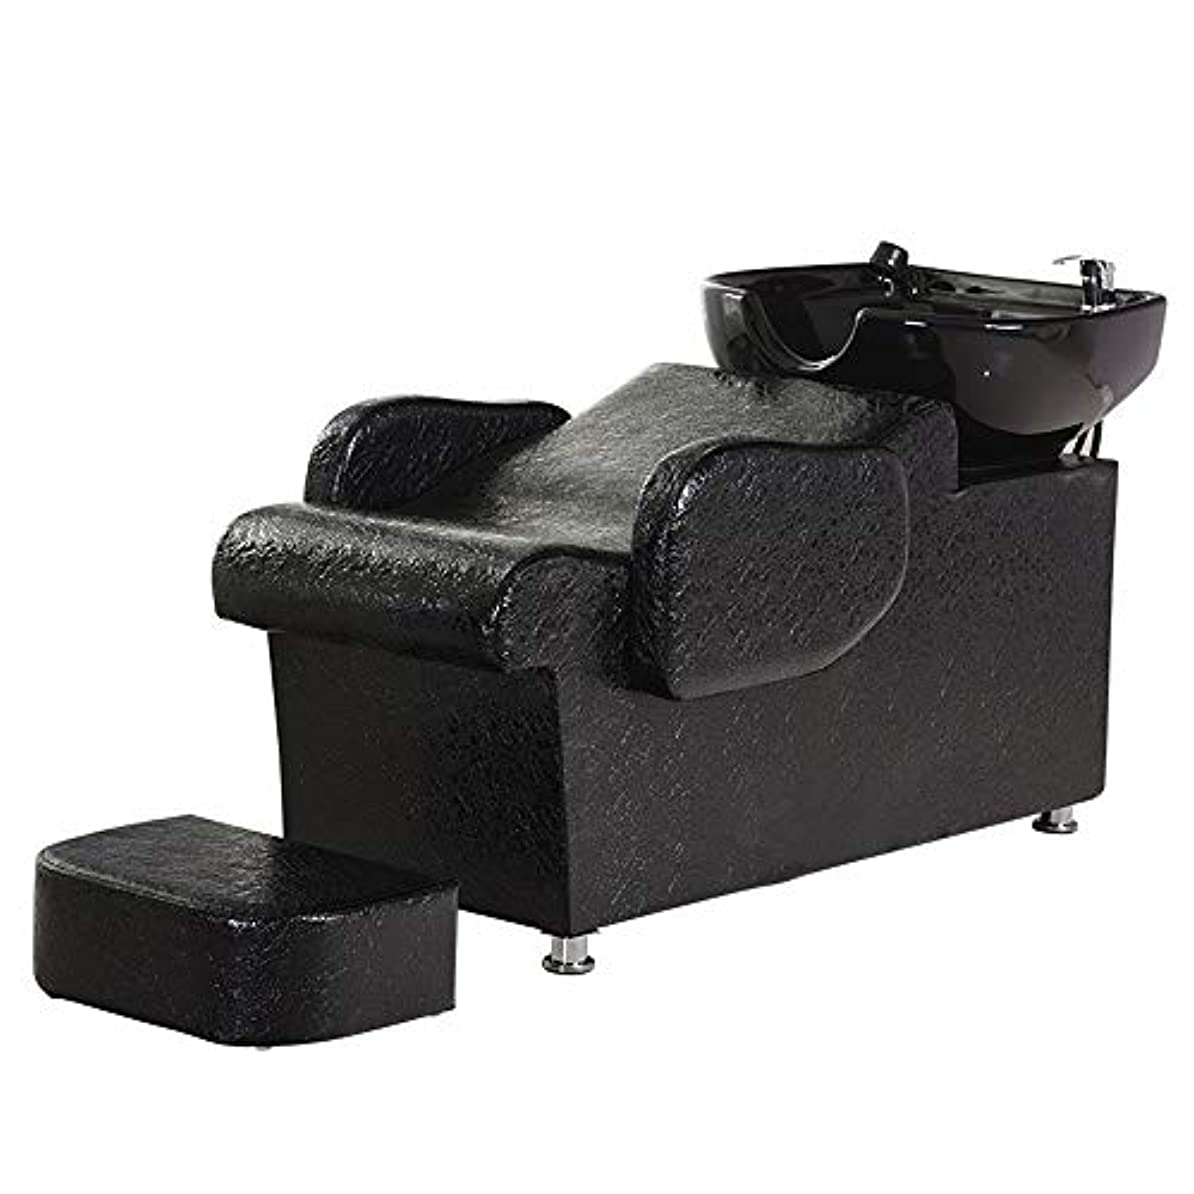 フェローシップ粘土アトラスシャンプーチェアバックウォッシュボウルユニットステーション理容室チェアスパサロン機器フラッシングベッドセラミック盆地、黒